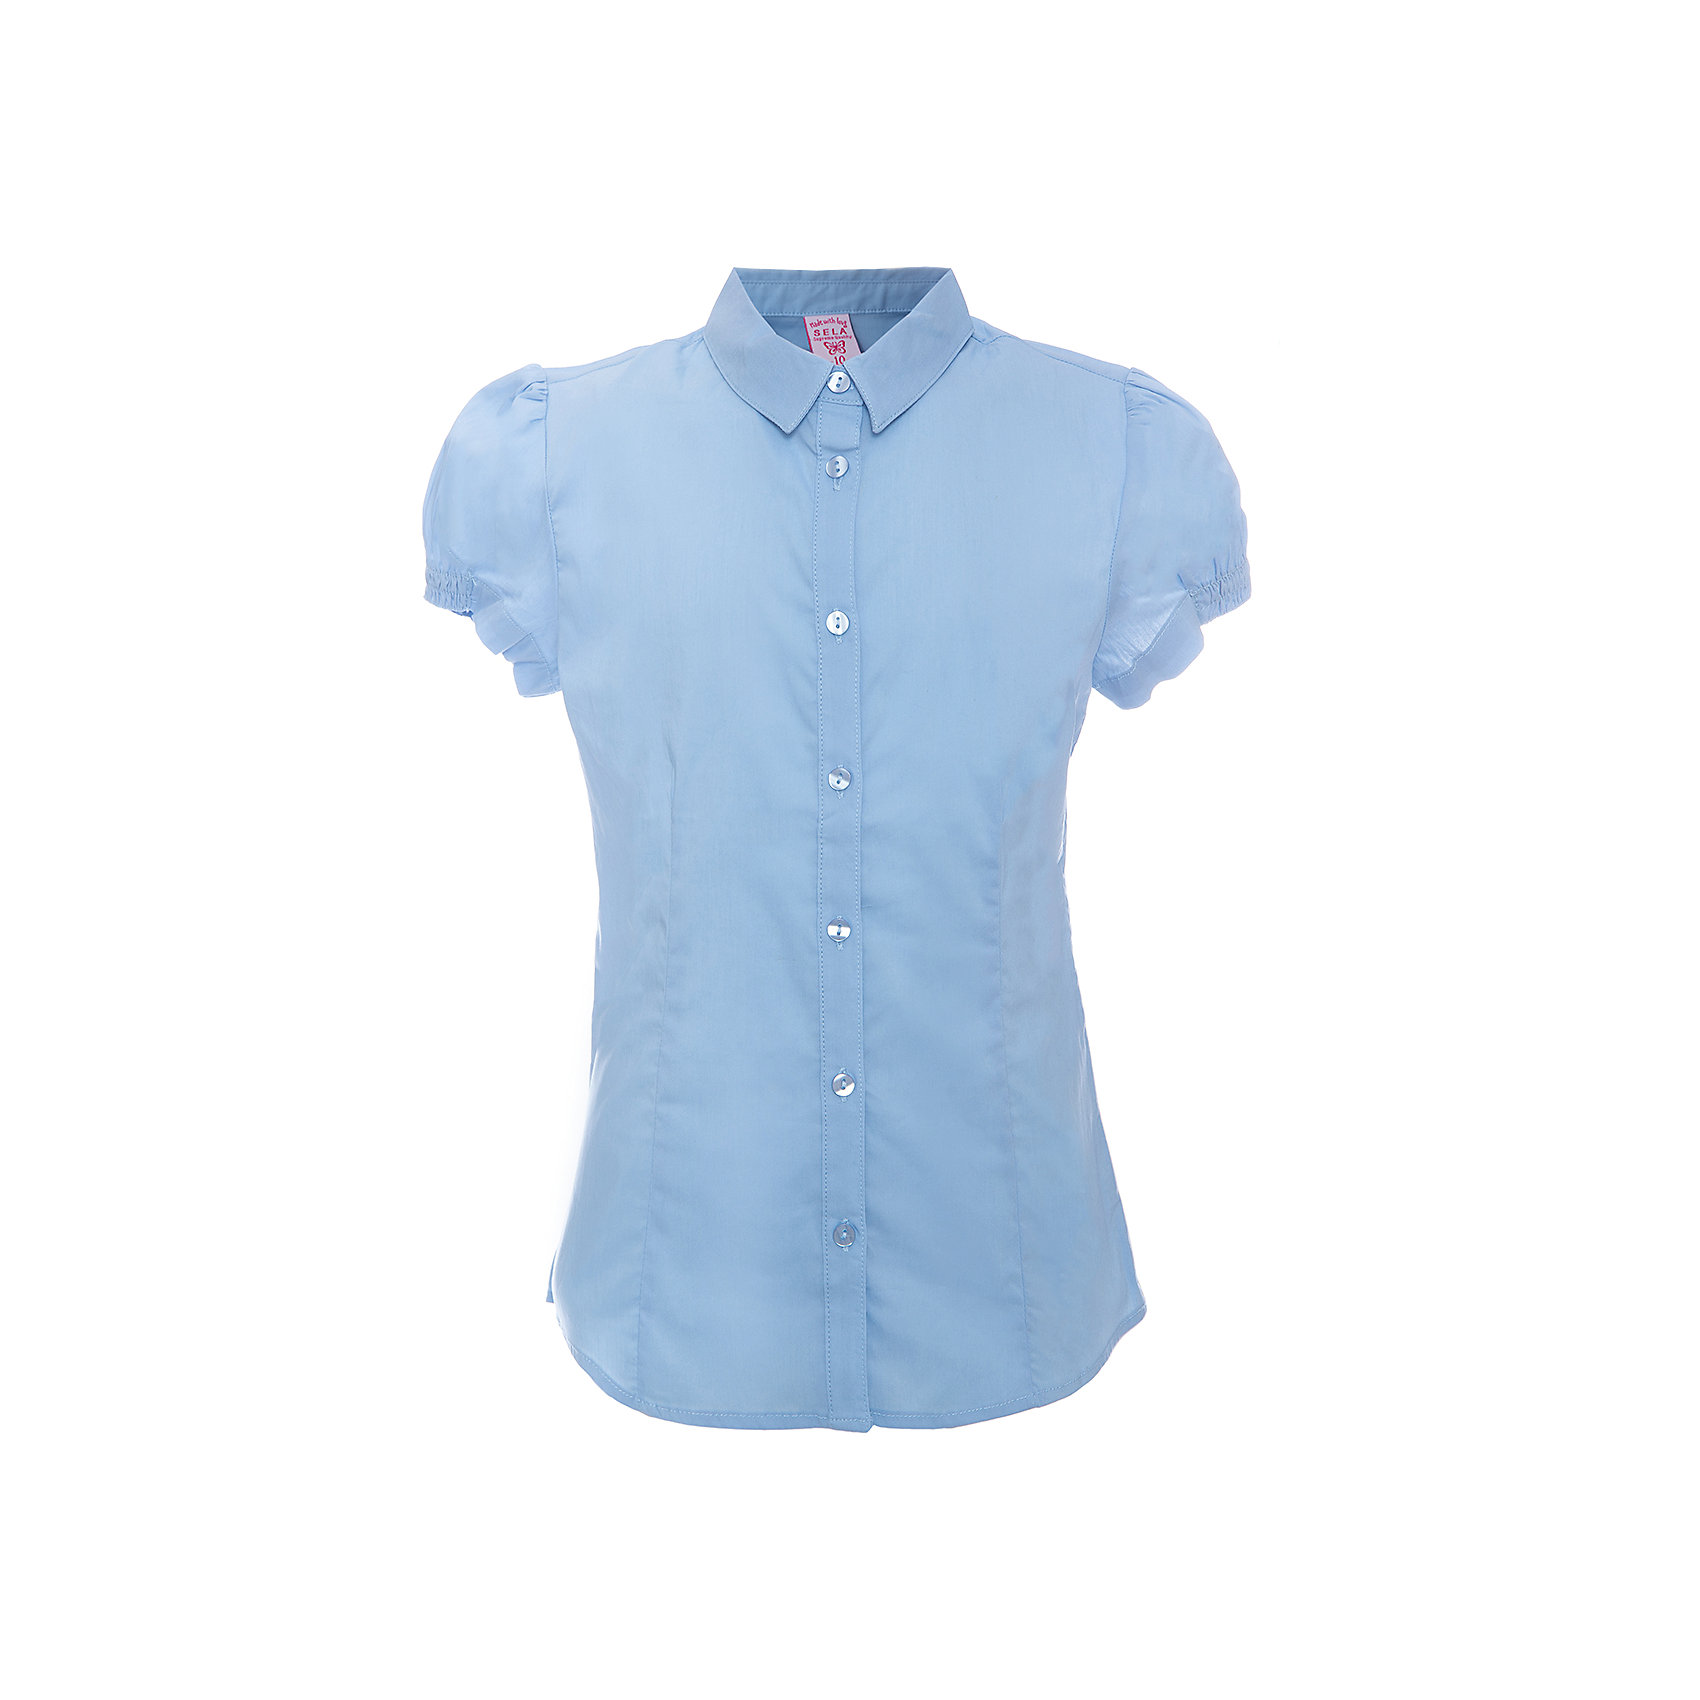 Блузка для девочки SELAБлузки и рубашки<br>Блузка - незаменимая вещь в гардеробе школьников. Эта модель отлично сидит на ребенке, она сделана из приятного на ощупь материала, мягкая и дышащая. Натуральный хлопок в составе ткани не вызывает аллергии и обеспечивает ребенку комфорт. Модель станет отличной базовой вещью, которая будет уместна в различных сочетаниях.<br>Одежда от бренда Sela (Села) - это качество по приемлемым ценам. Многие российские родители уже оценили преимущества продукции этой компании и всё чаще приобретают одежду и аксессуары Sela.<br><br>Дополнительная информация:<br><br>материал: 56% хлопок, 41% нейлон, 3% эластан;<br>рукава короткие;<br>застежки - пуговицы.<br><br>Блузку для девочки от бренда Sela можно купить в нашем интернет-магазине.<br><br>Ширина мм: 186<br>Глубина мм: 87<br>Высота мм: 198<br>Вес г: 197<br>Цвет: голубой<br>Возраст от месяцев: 132<br>Возраст до месяцев: 144<br>Пол: Женский<br>Возраст: Детский<br>Размер: 152,134,140,146,116,122,128<br>SKU: 4883470